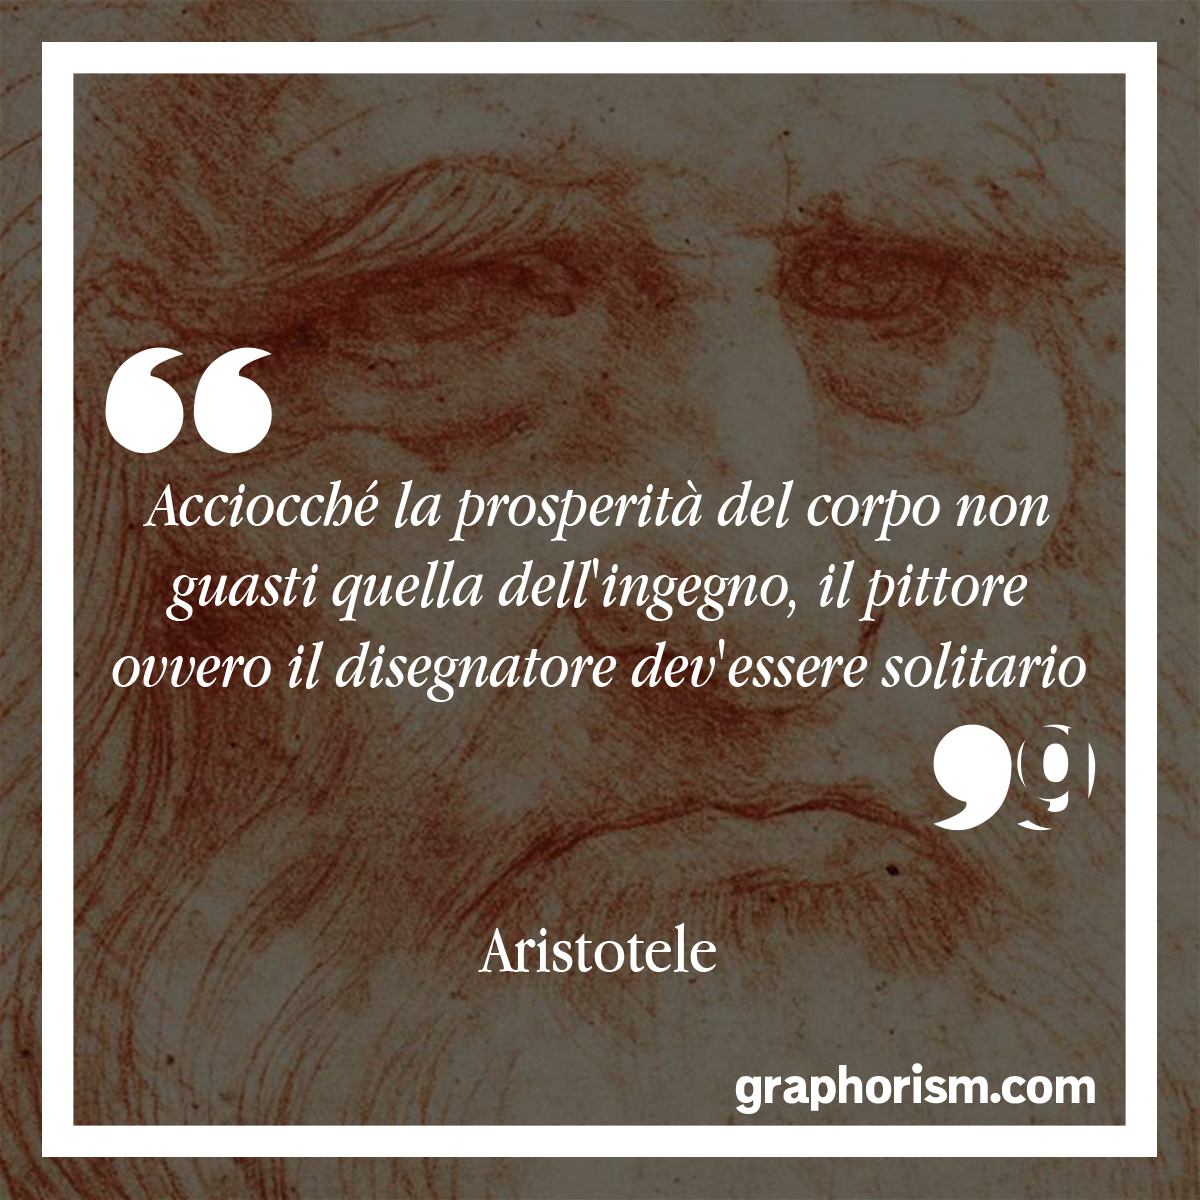 Leonardo Da Vinci: Acciocché la prosperità del corpo non guasti quella dell'ingegno, il pittore ovvero il disegnatore dev'essere solitario